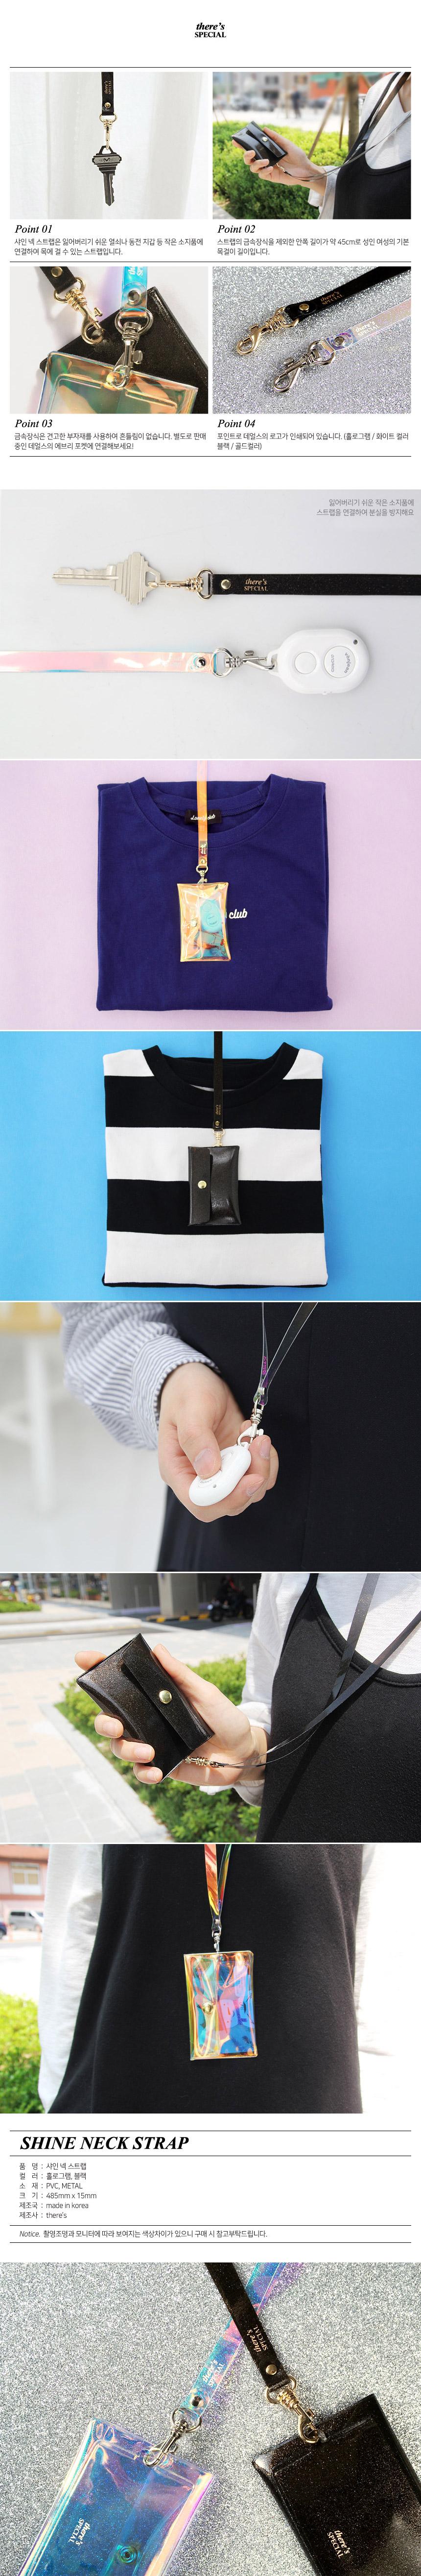 데얼스 샤인 넥 스트랩 - 데얼스, 3,800원, 동전/카드지갑, 목걸이형카드지갑